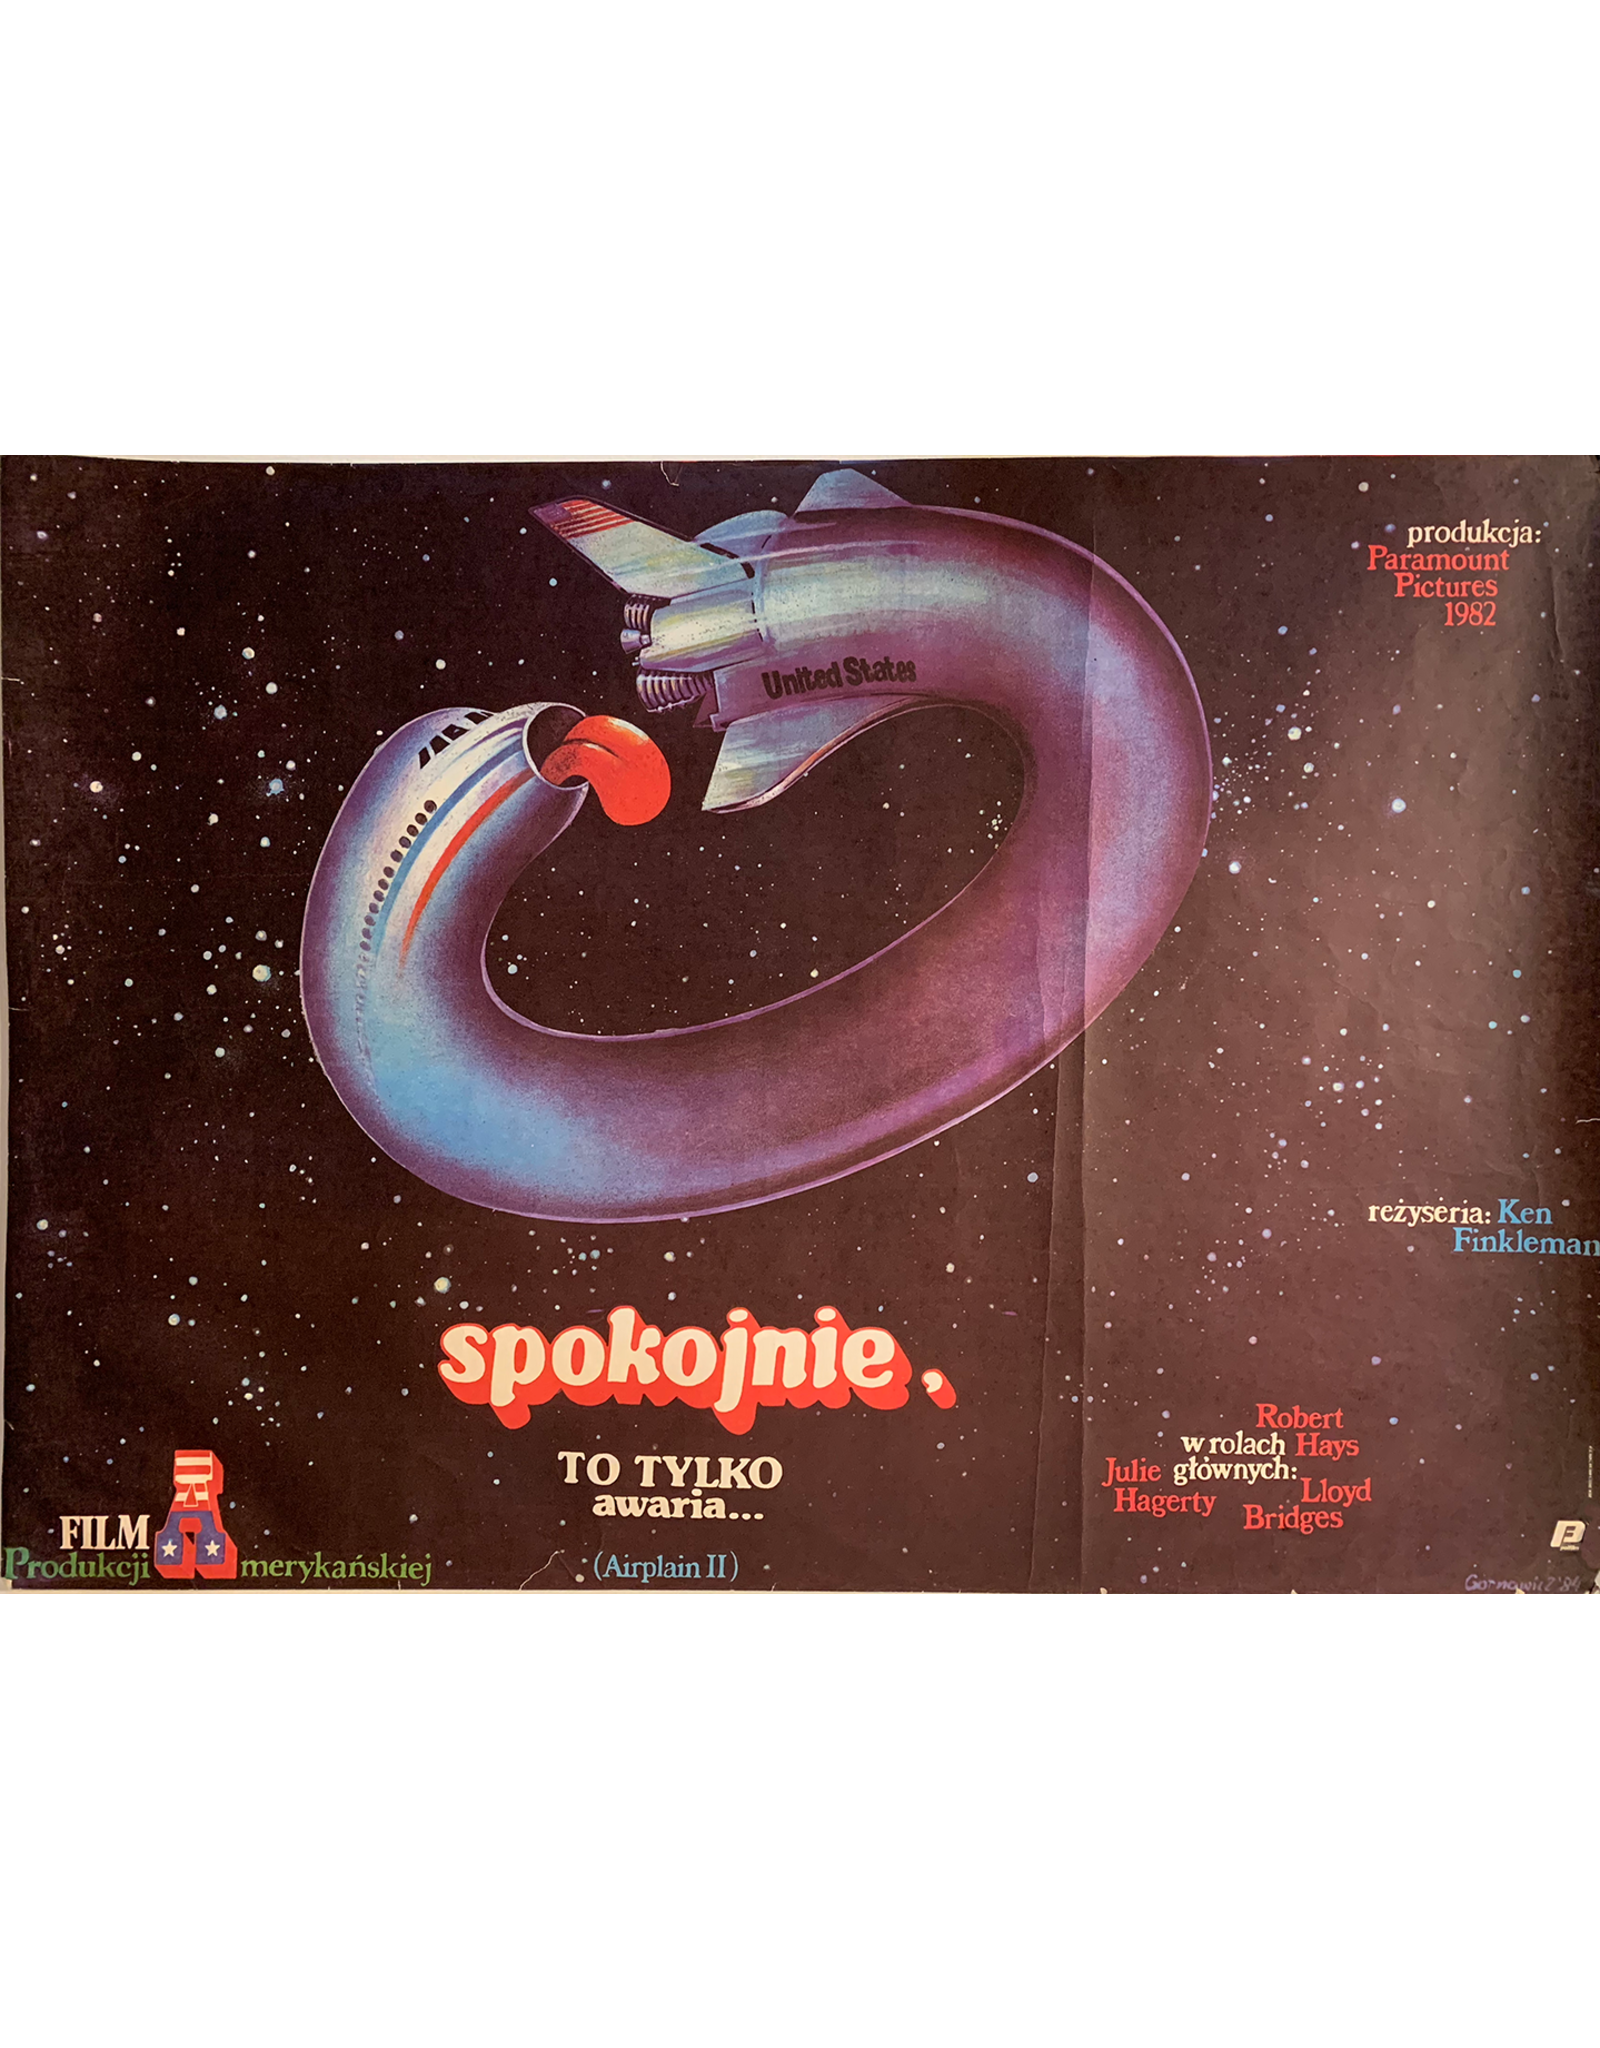 SPV Spolojnie_(Airplance 2)_Polish poster